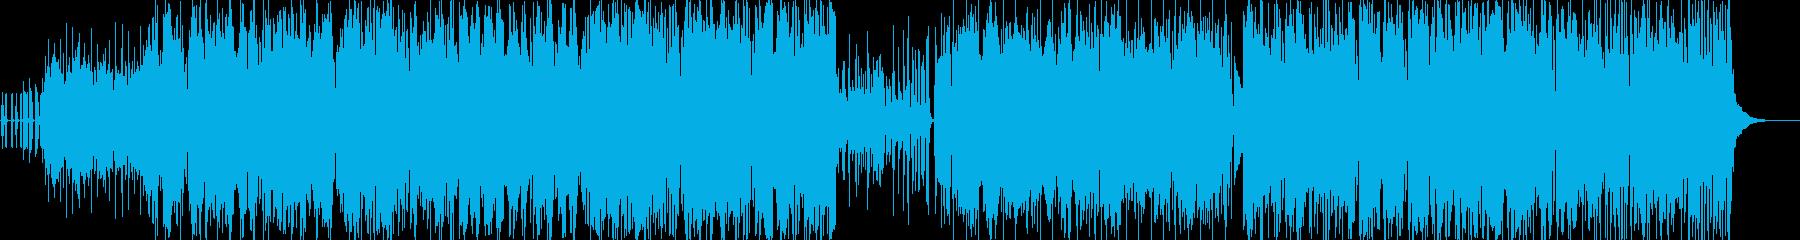 カエルの声とサルサ音楽の再生済みの波形